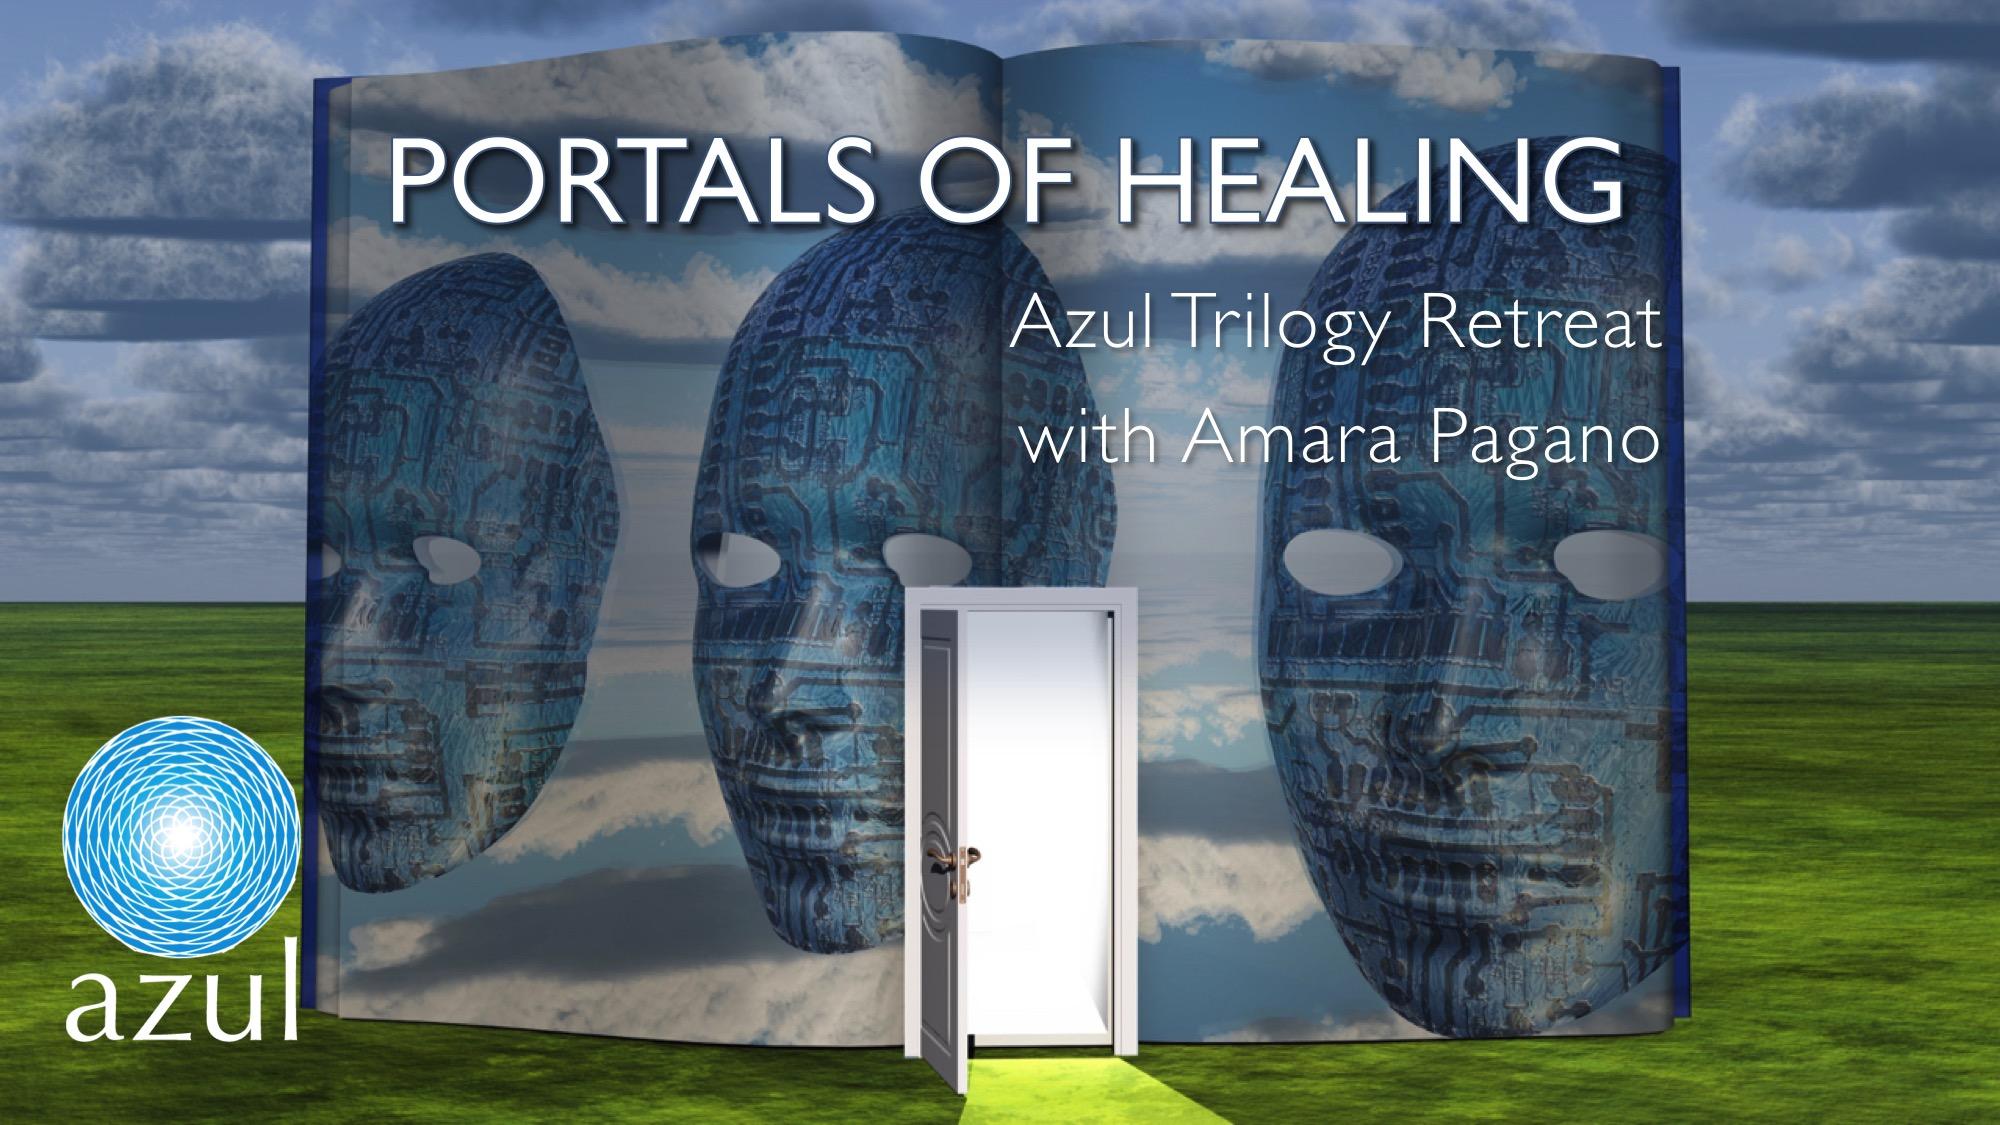 Portale der Heilung betreten